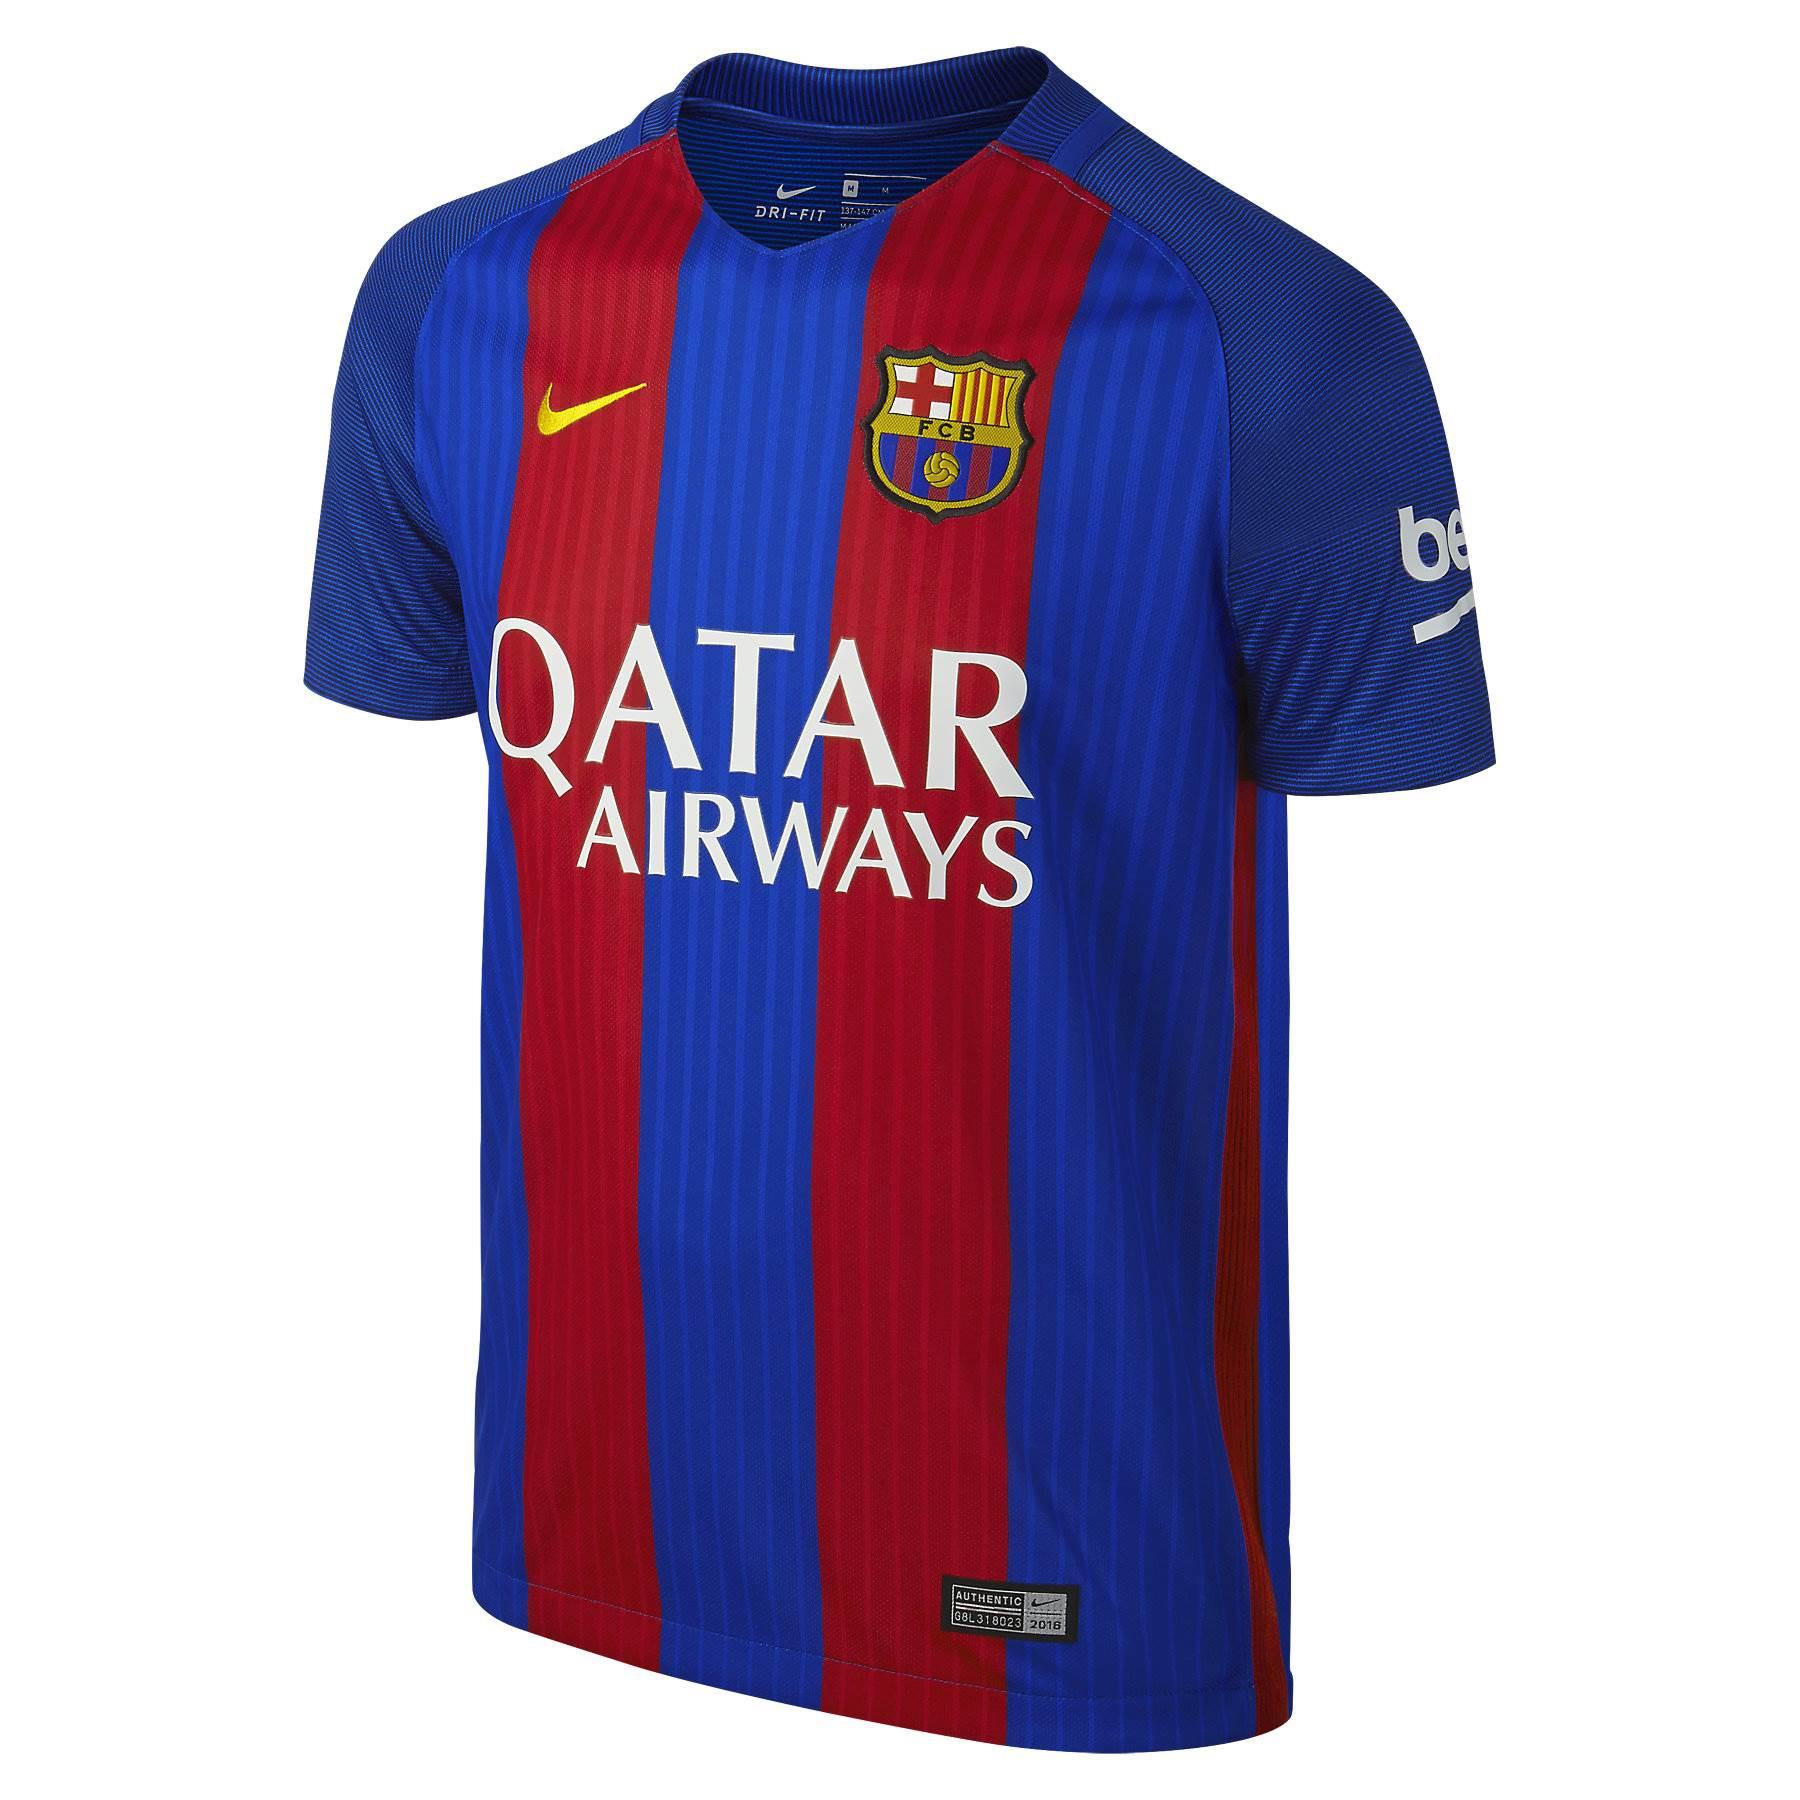 huge selection of 2132e e2846 2016-2017 Barcelona Home Nike Shirt (Kids) - with sponsor